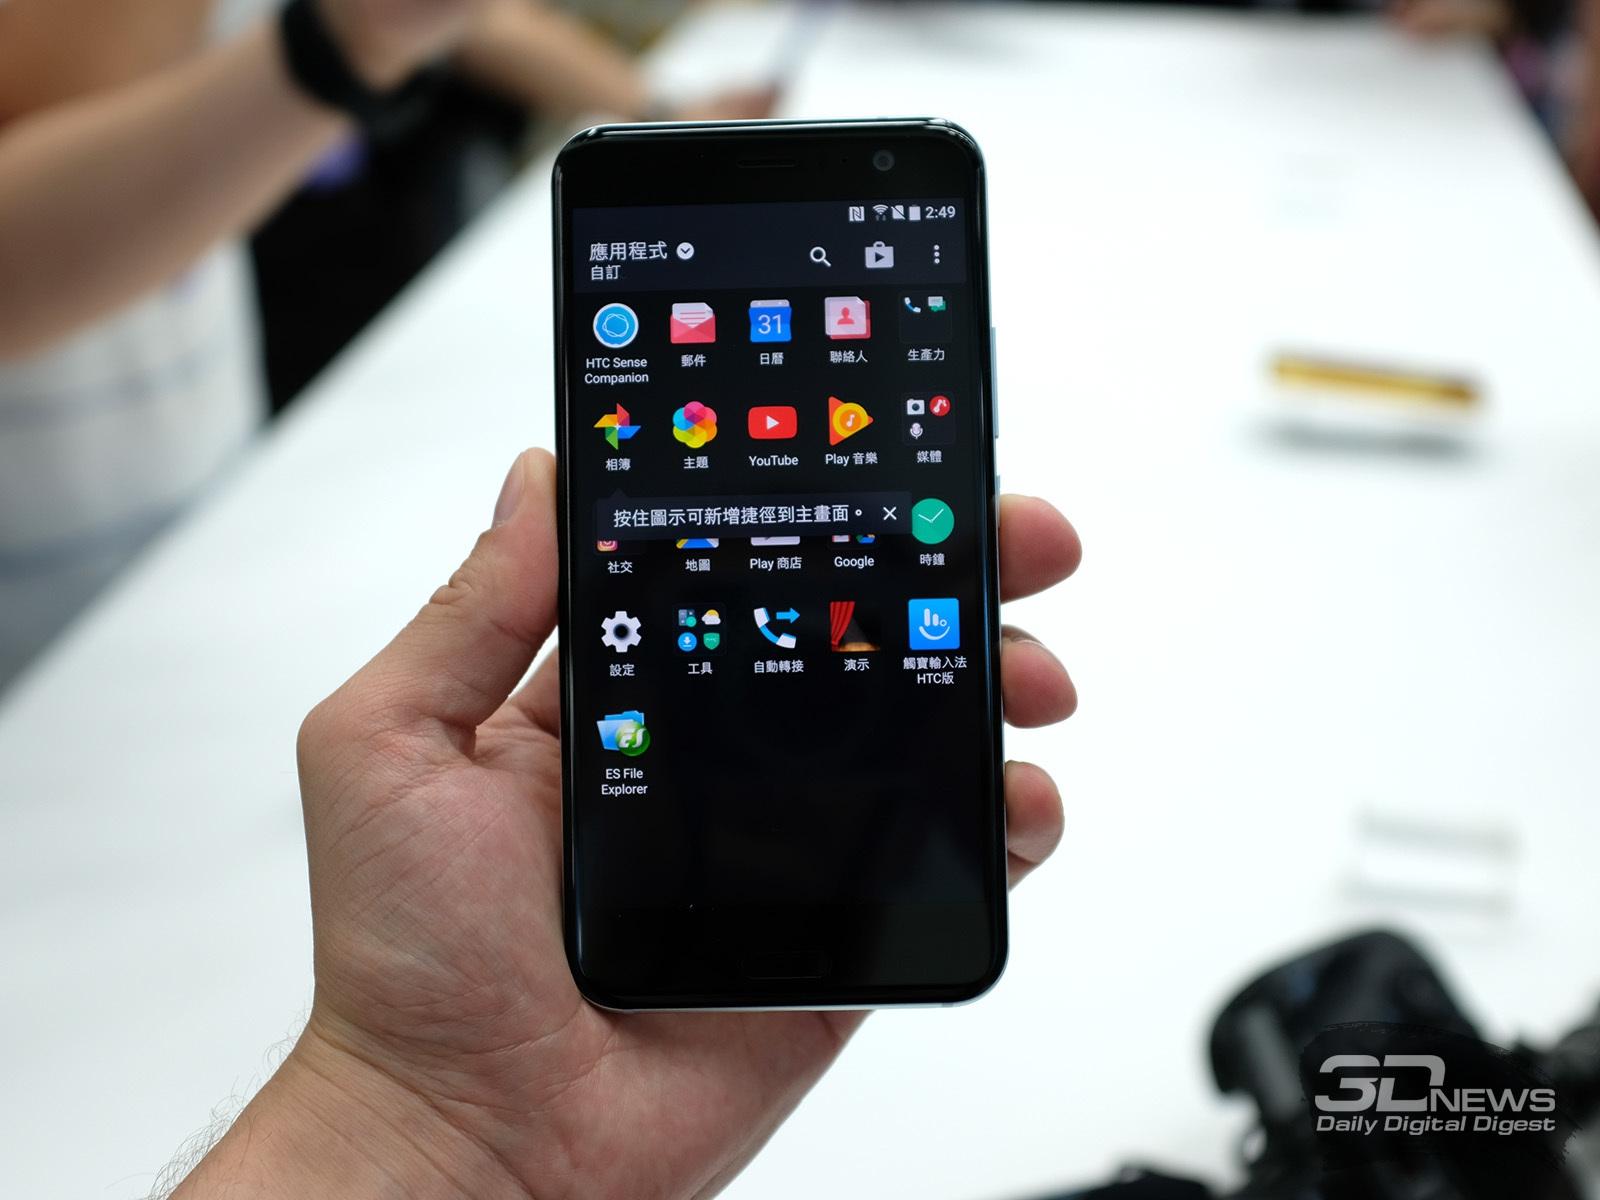 Новая статья: Первый взгляд на HTC U11. Все, что нужно знать о тайваньском флагмане в день анонса